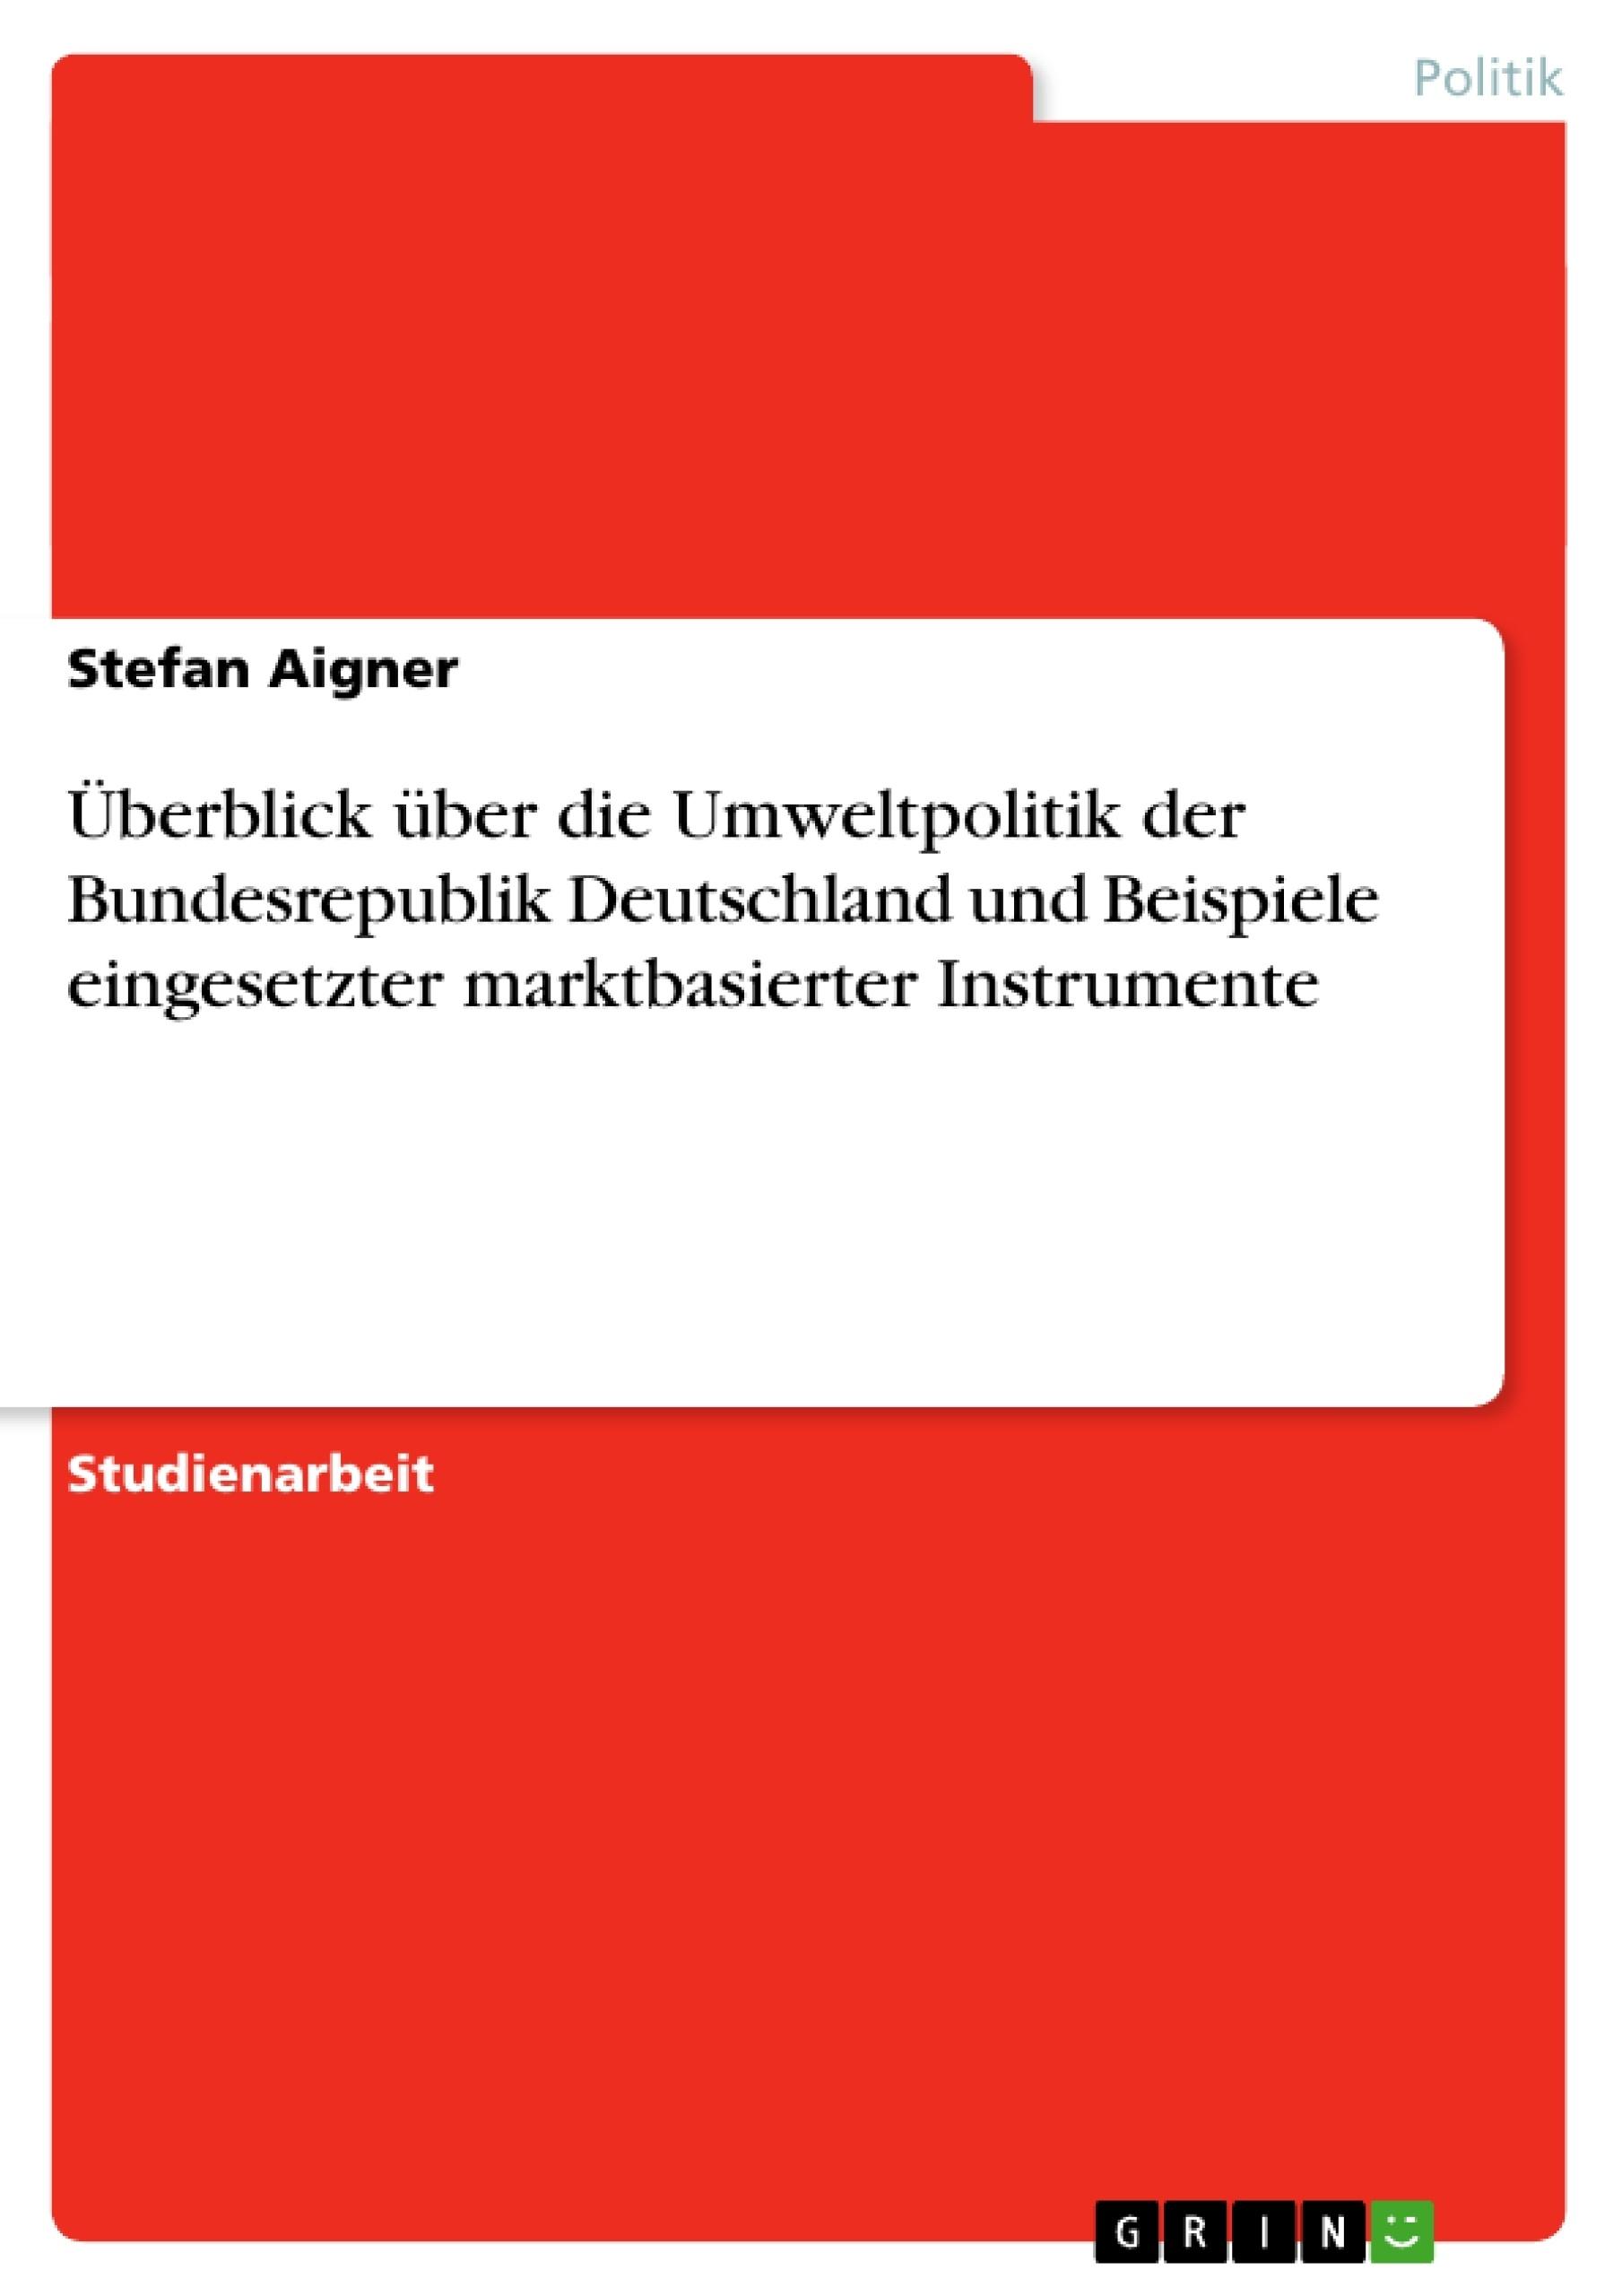 Titel: Überblick über die Umweltpolitik der Bundesrepublik Deutschland und Beispiele eingesetzter marktbasierter Instrumente